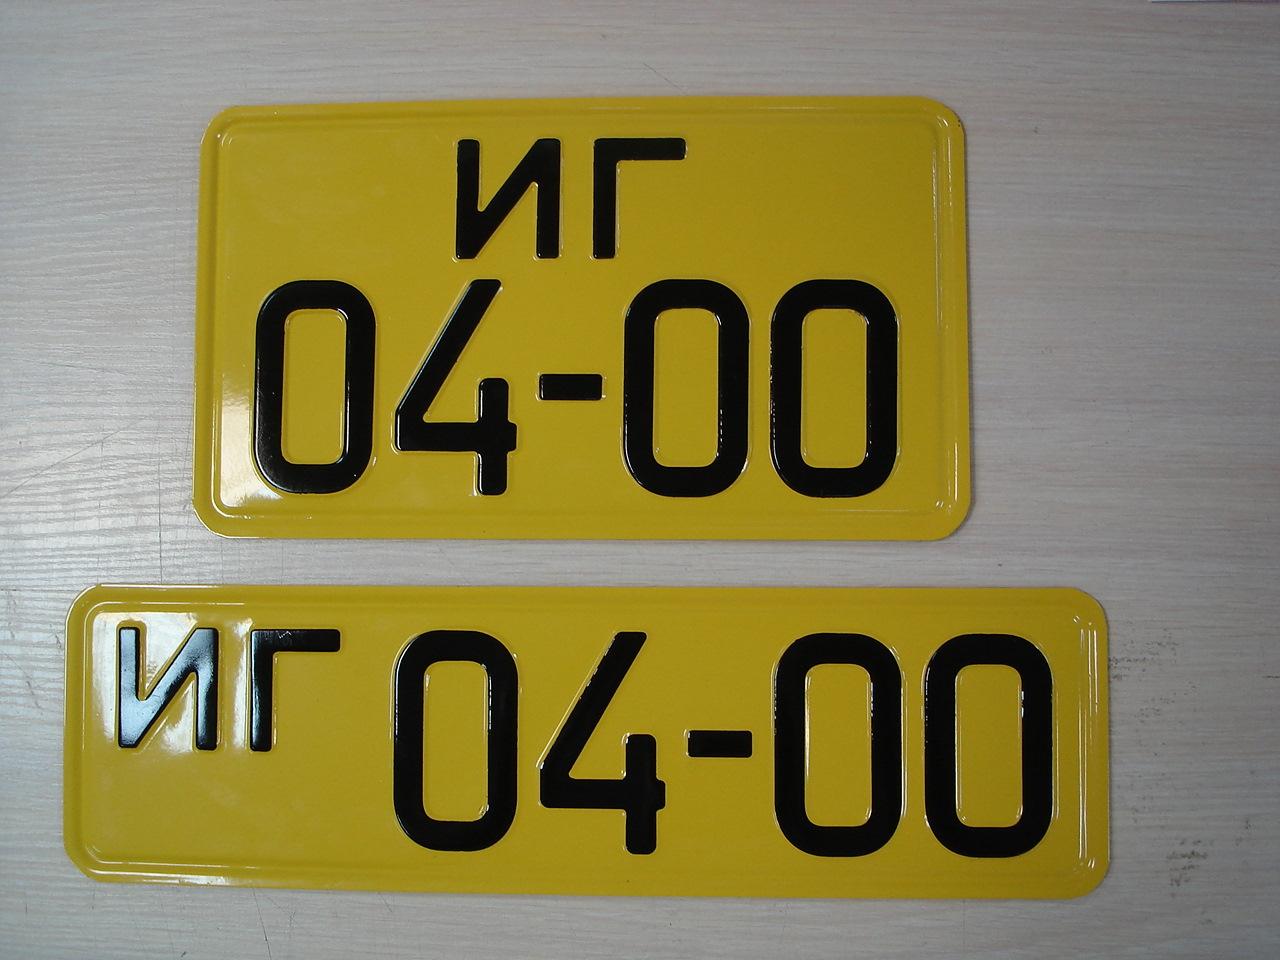 Автомобильные номера 1946 года